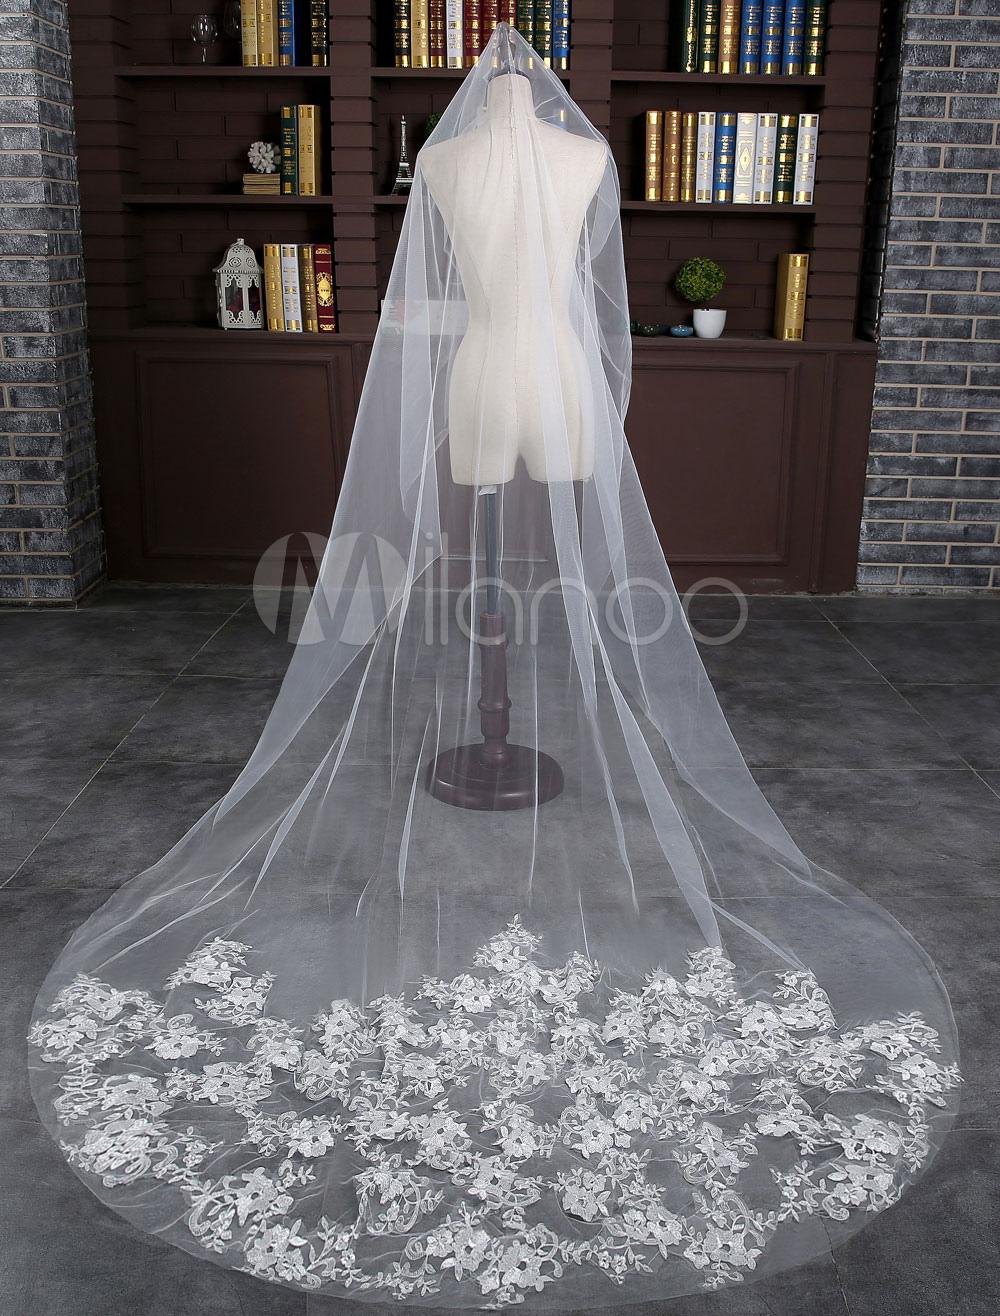 c775b12f9 Encaje la boda de un solo nivel velo tul marfil gota corte borde de velo de  novia Catedral con peine - Milanoo.com